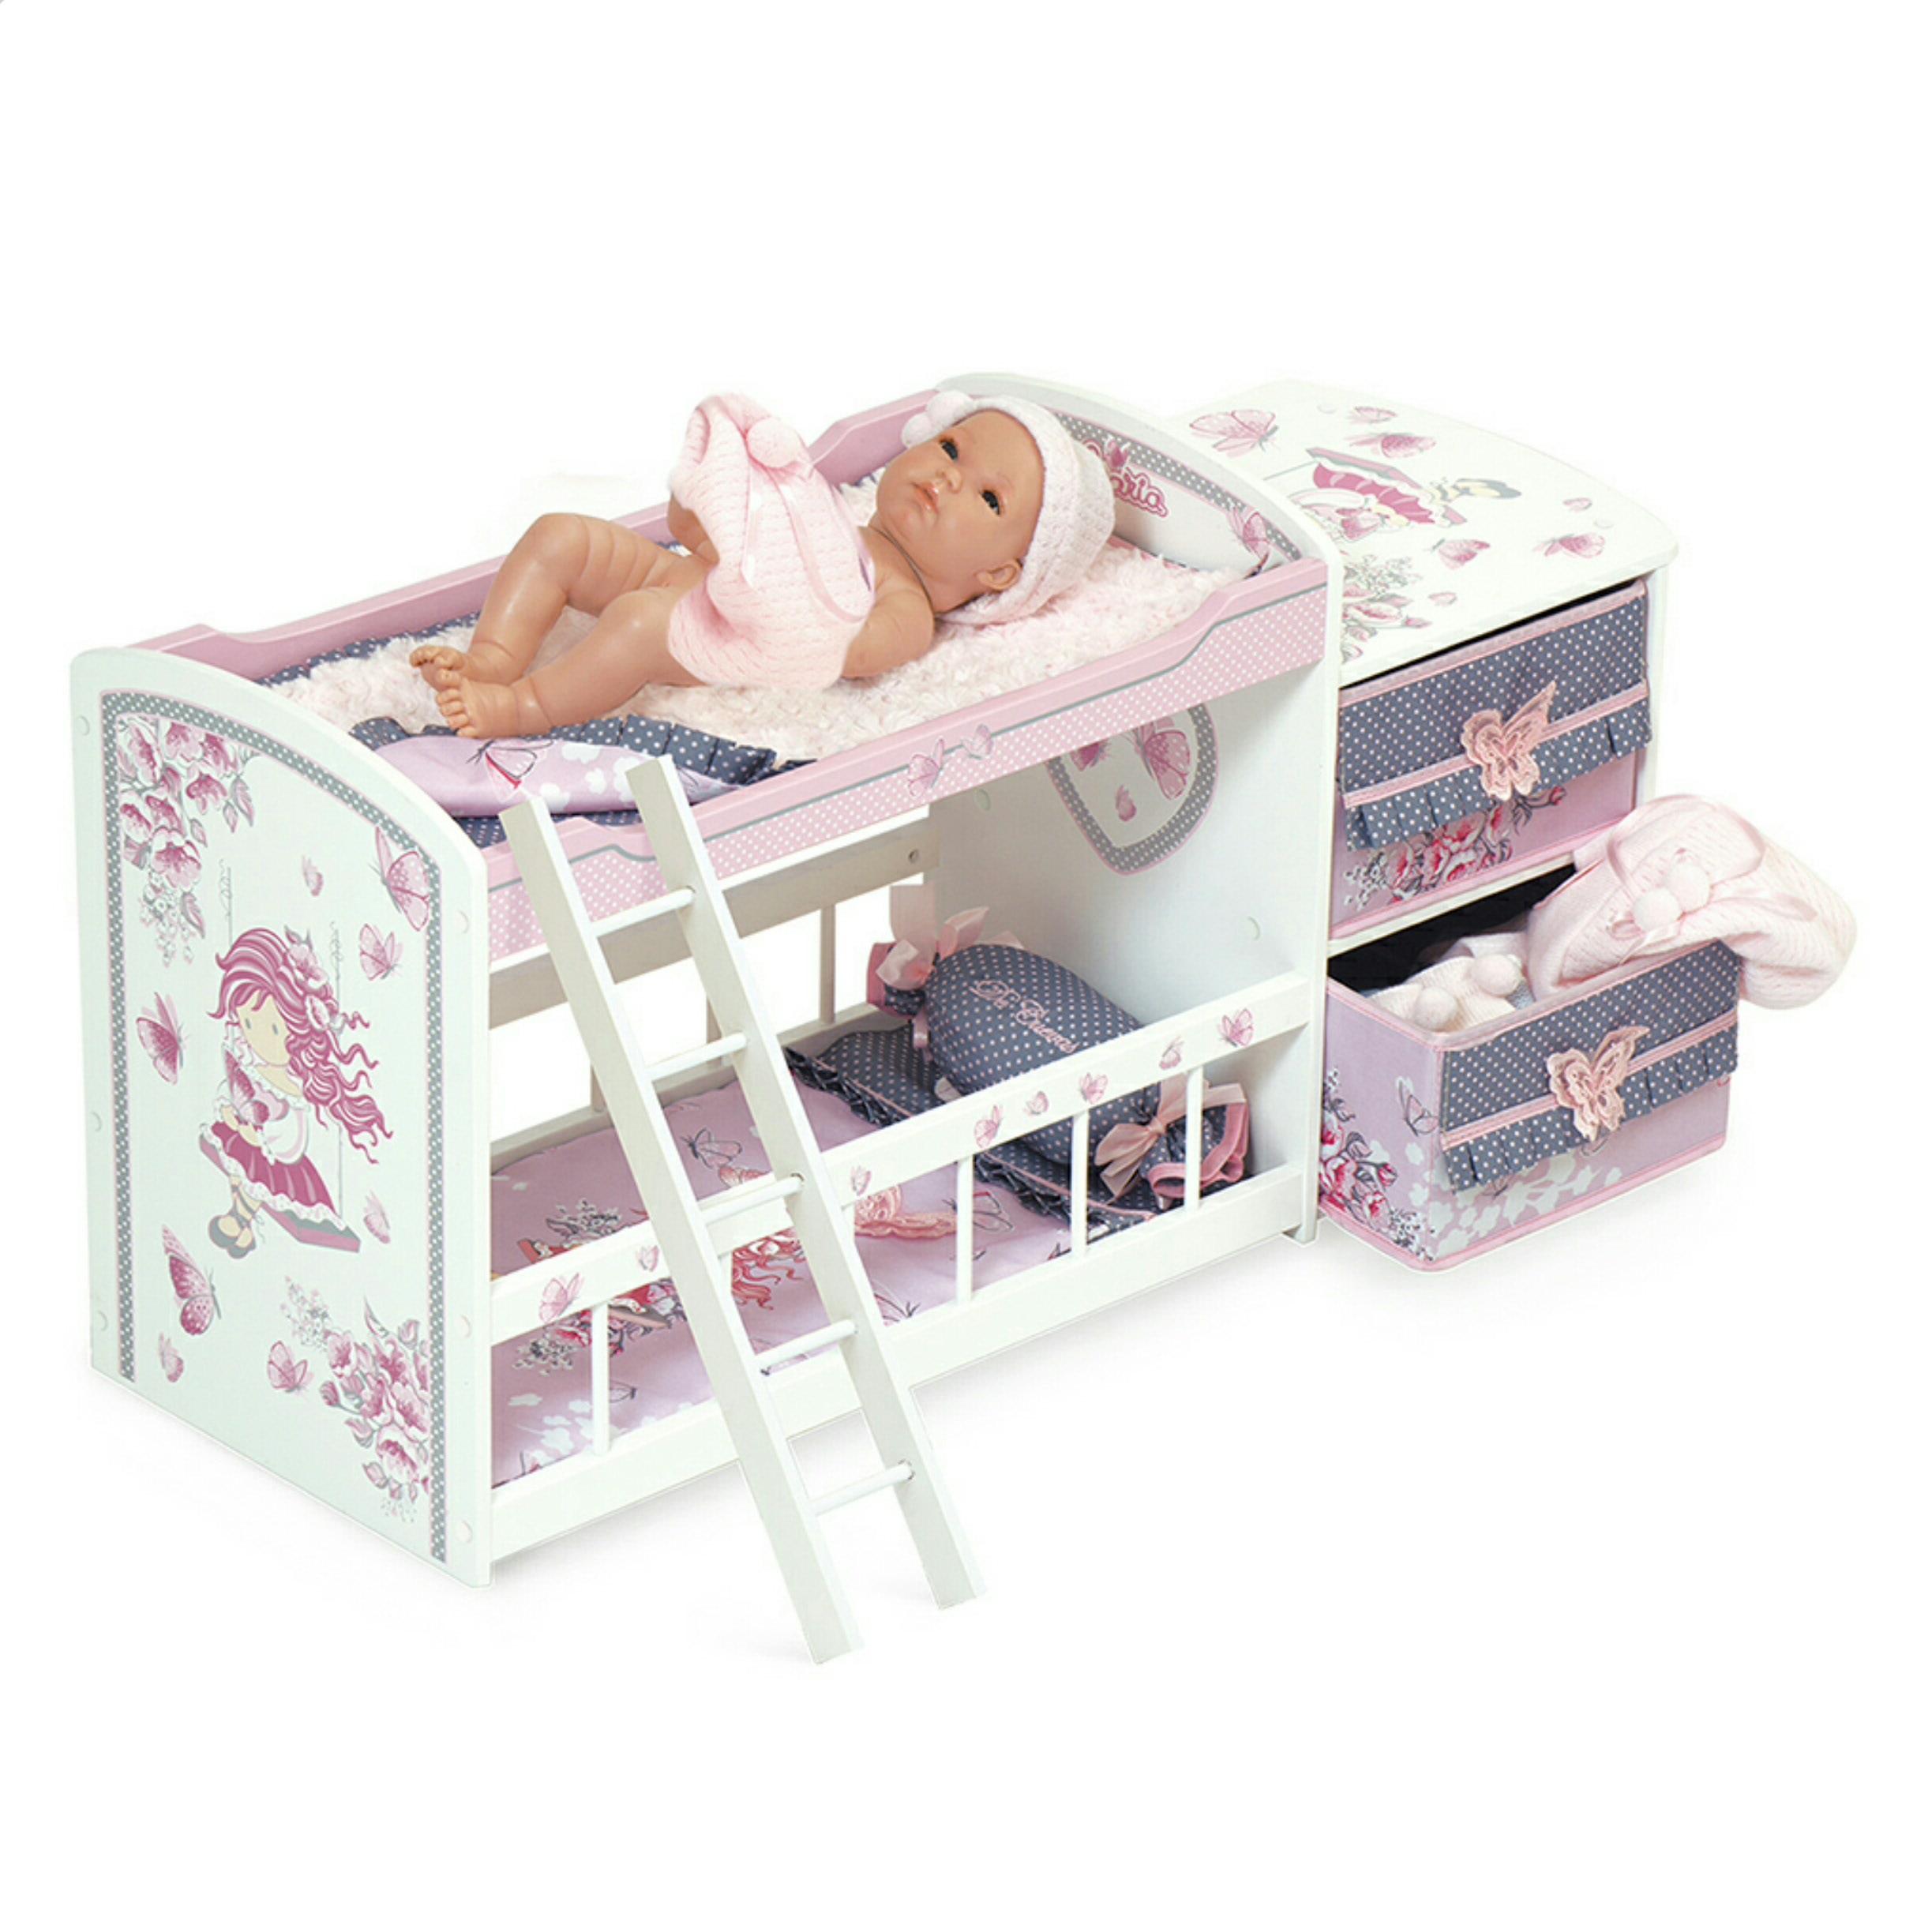 Как выбрать безопасную мебель для ребенка